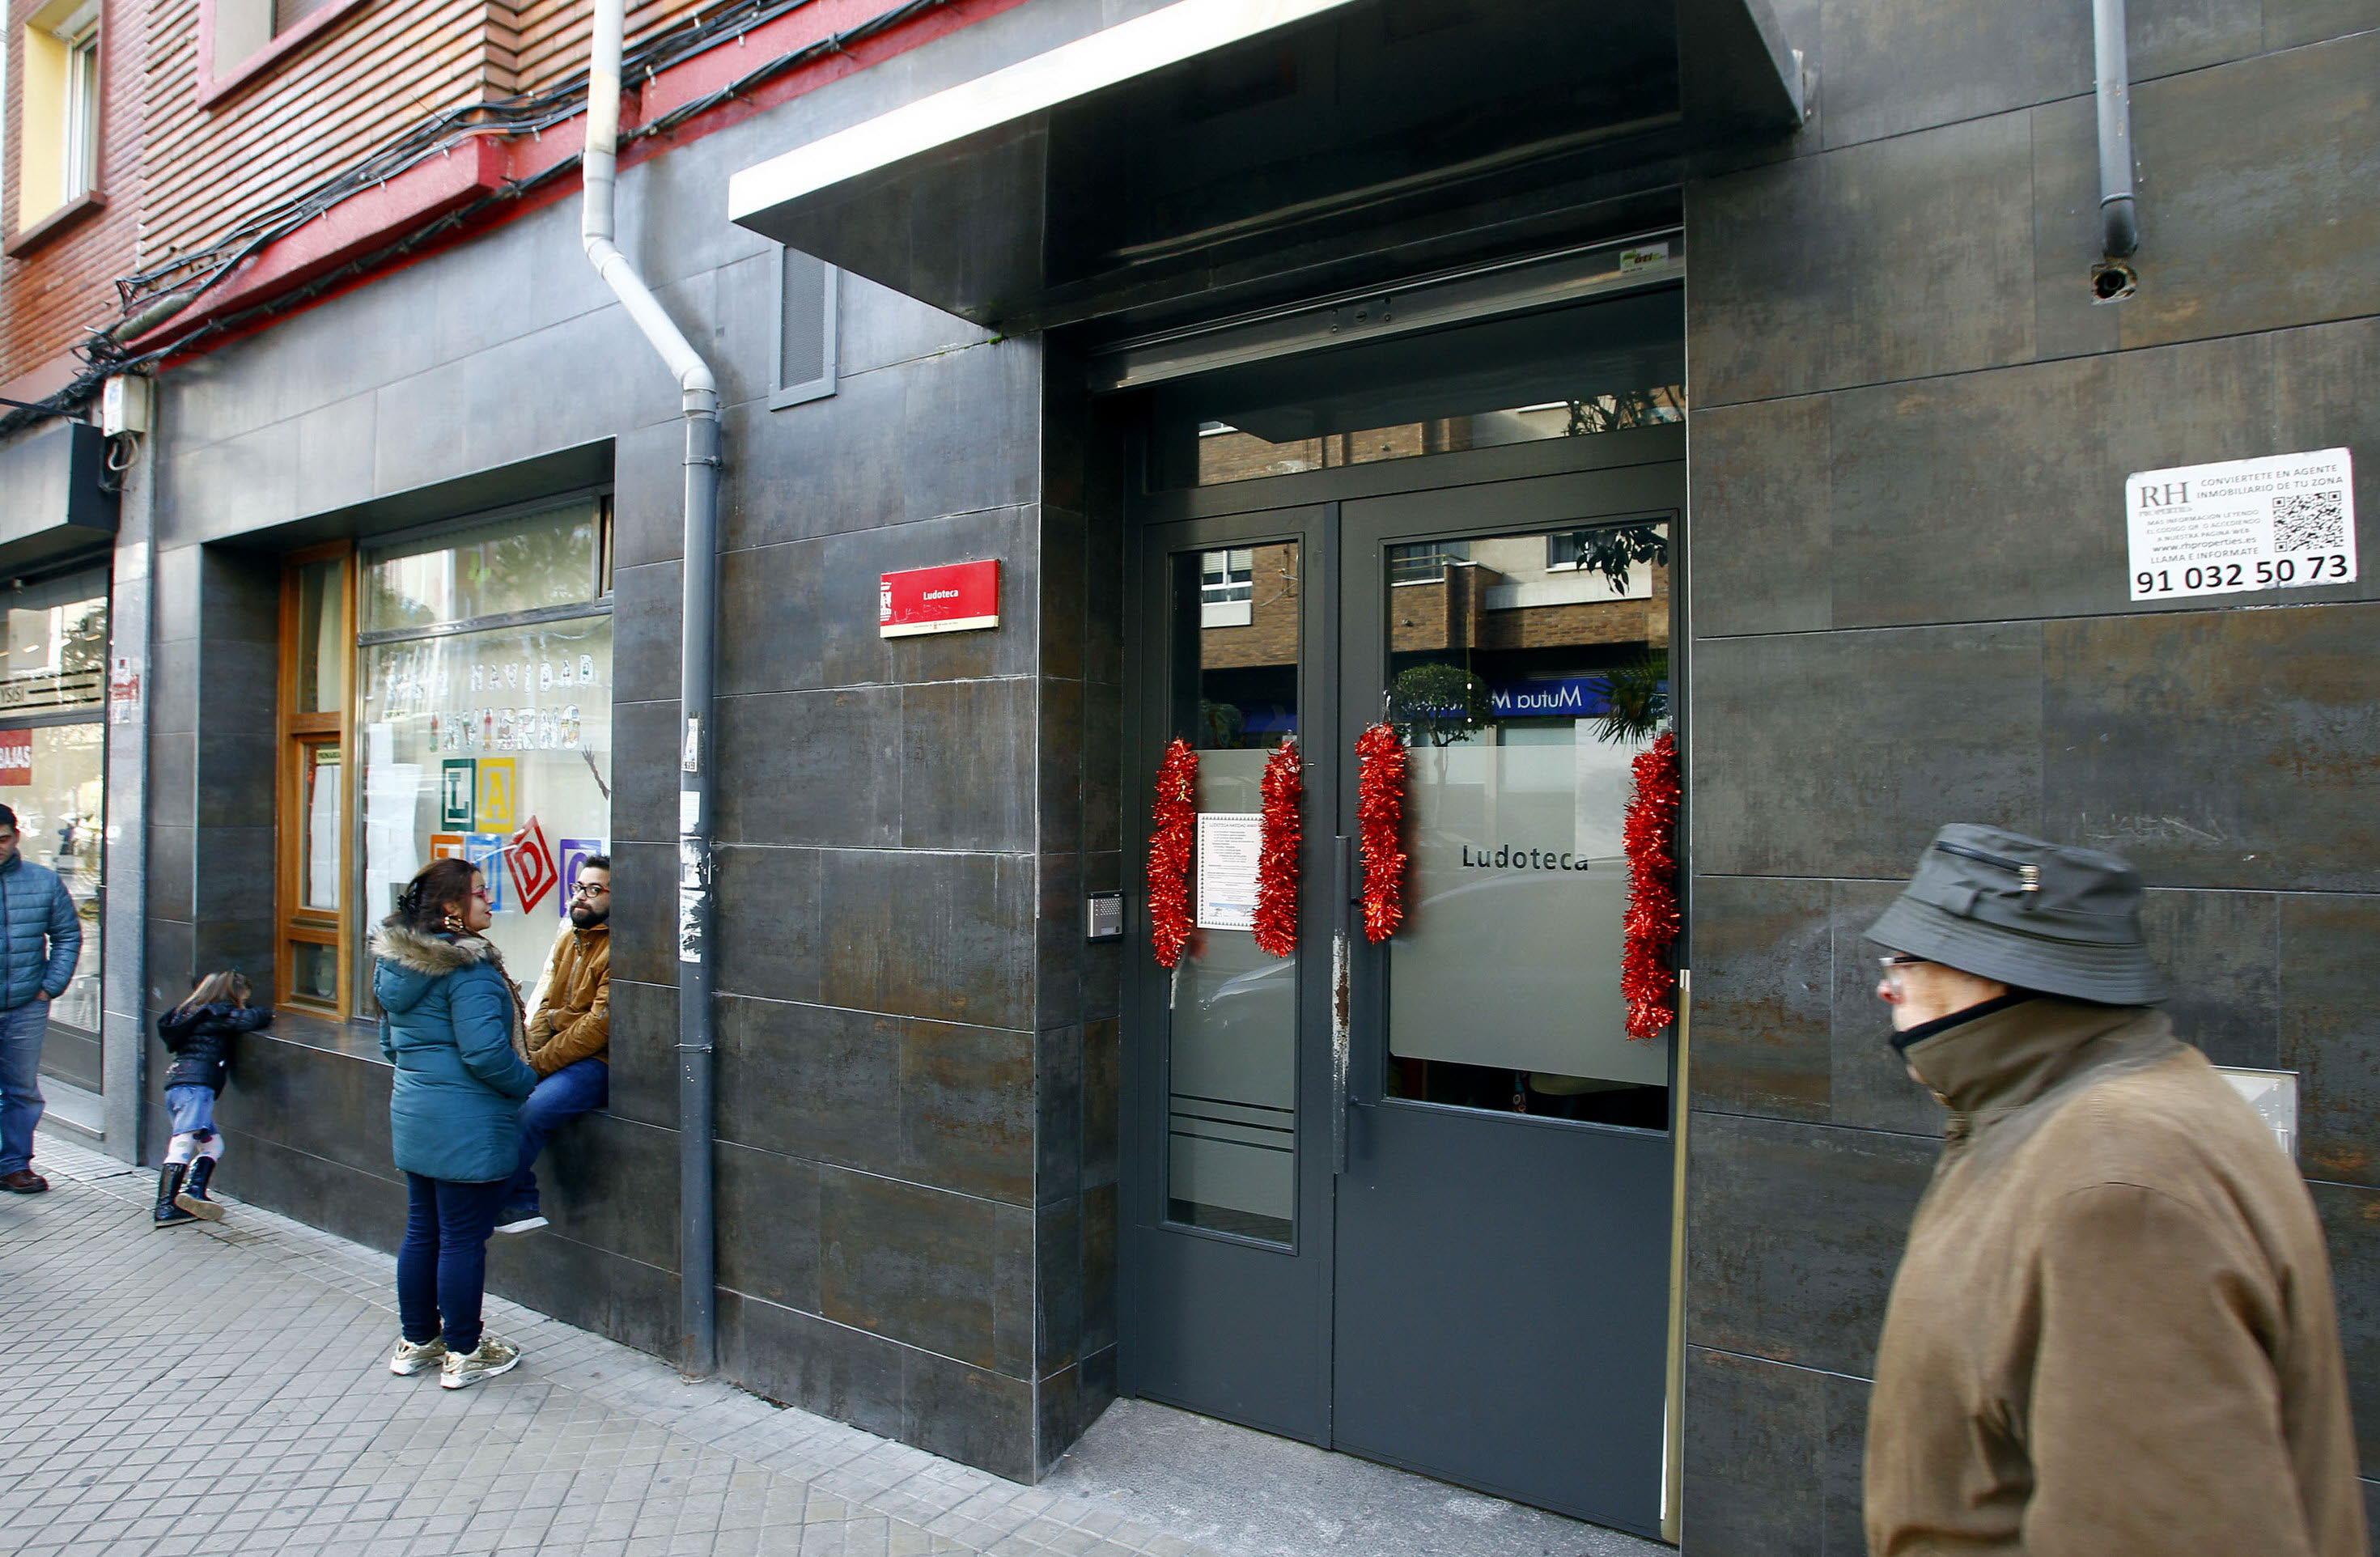 El PP sugiere que se fuerce la dimisión de Pablo Gómez por su gestión en la Ludoteca